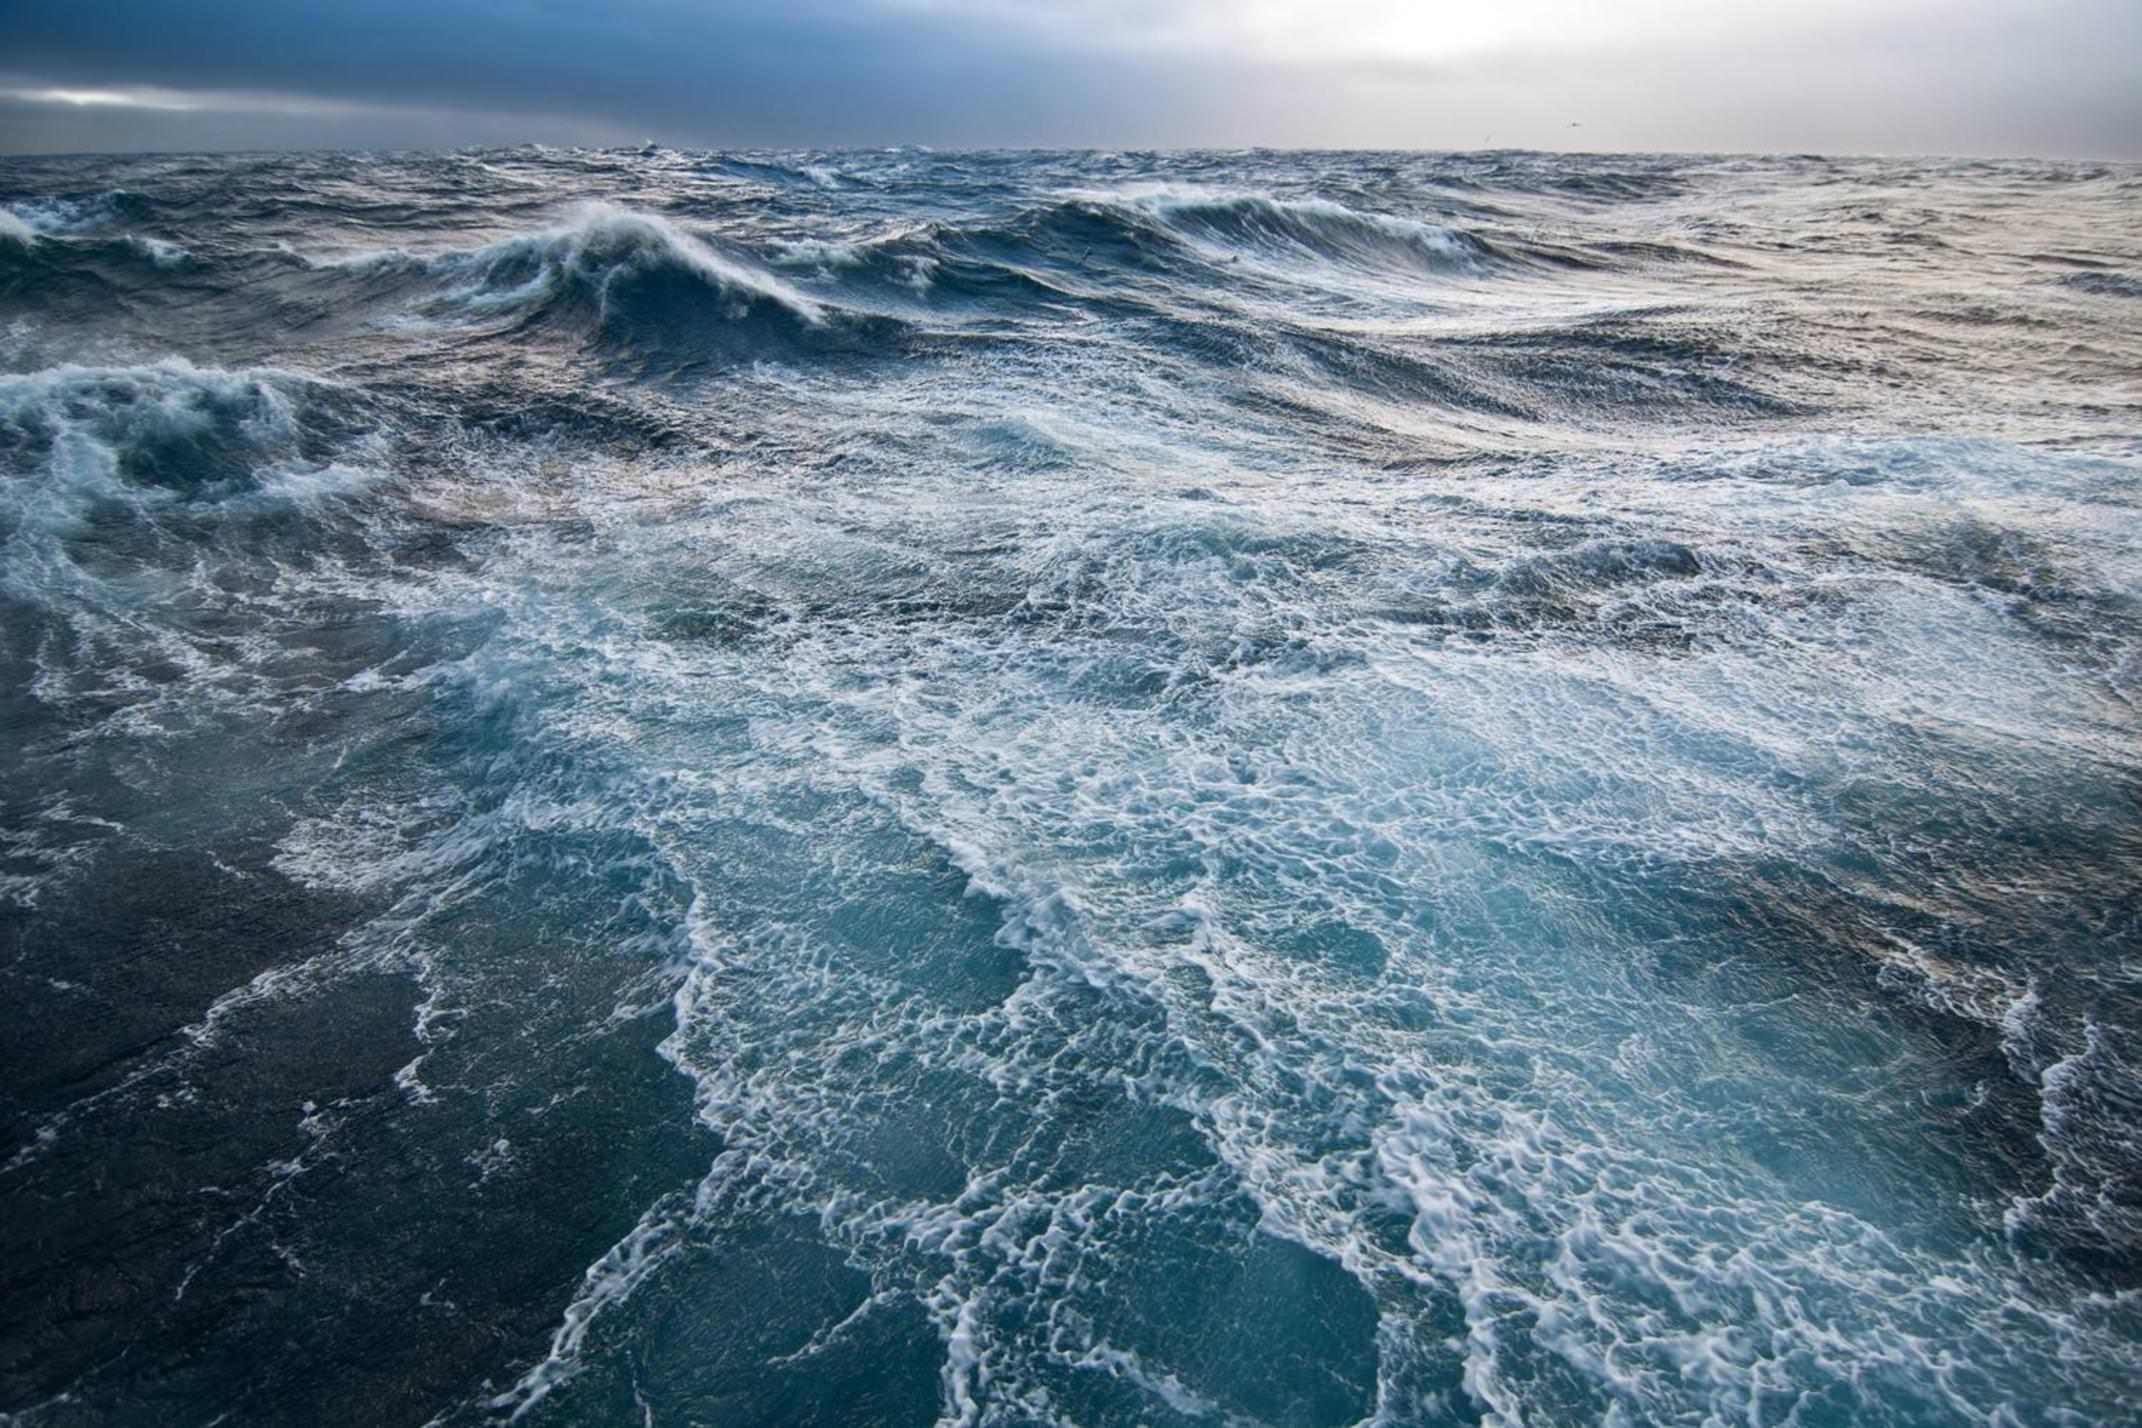 Antarctica drake passage moody waters c damerau20180829 76980 44fs9q